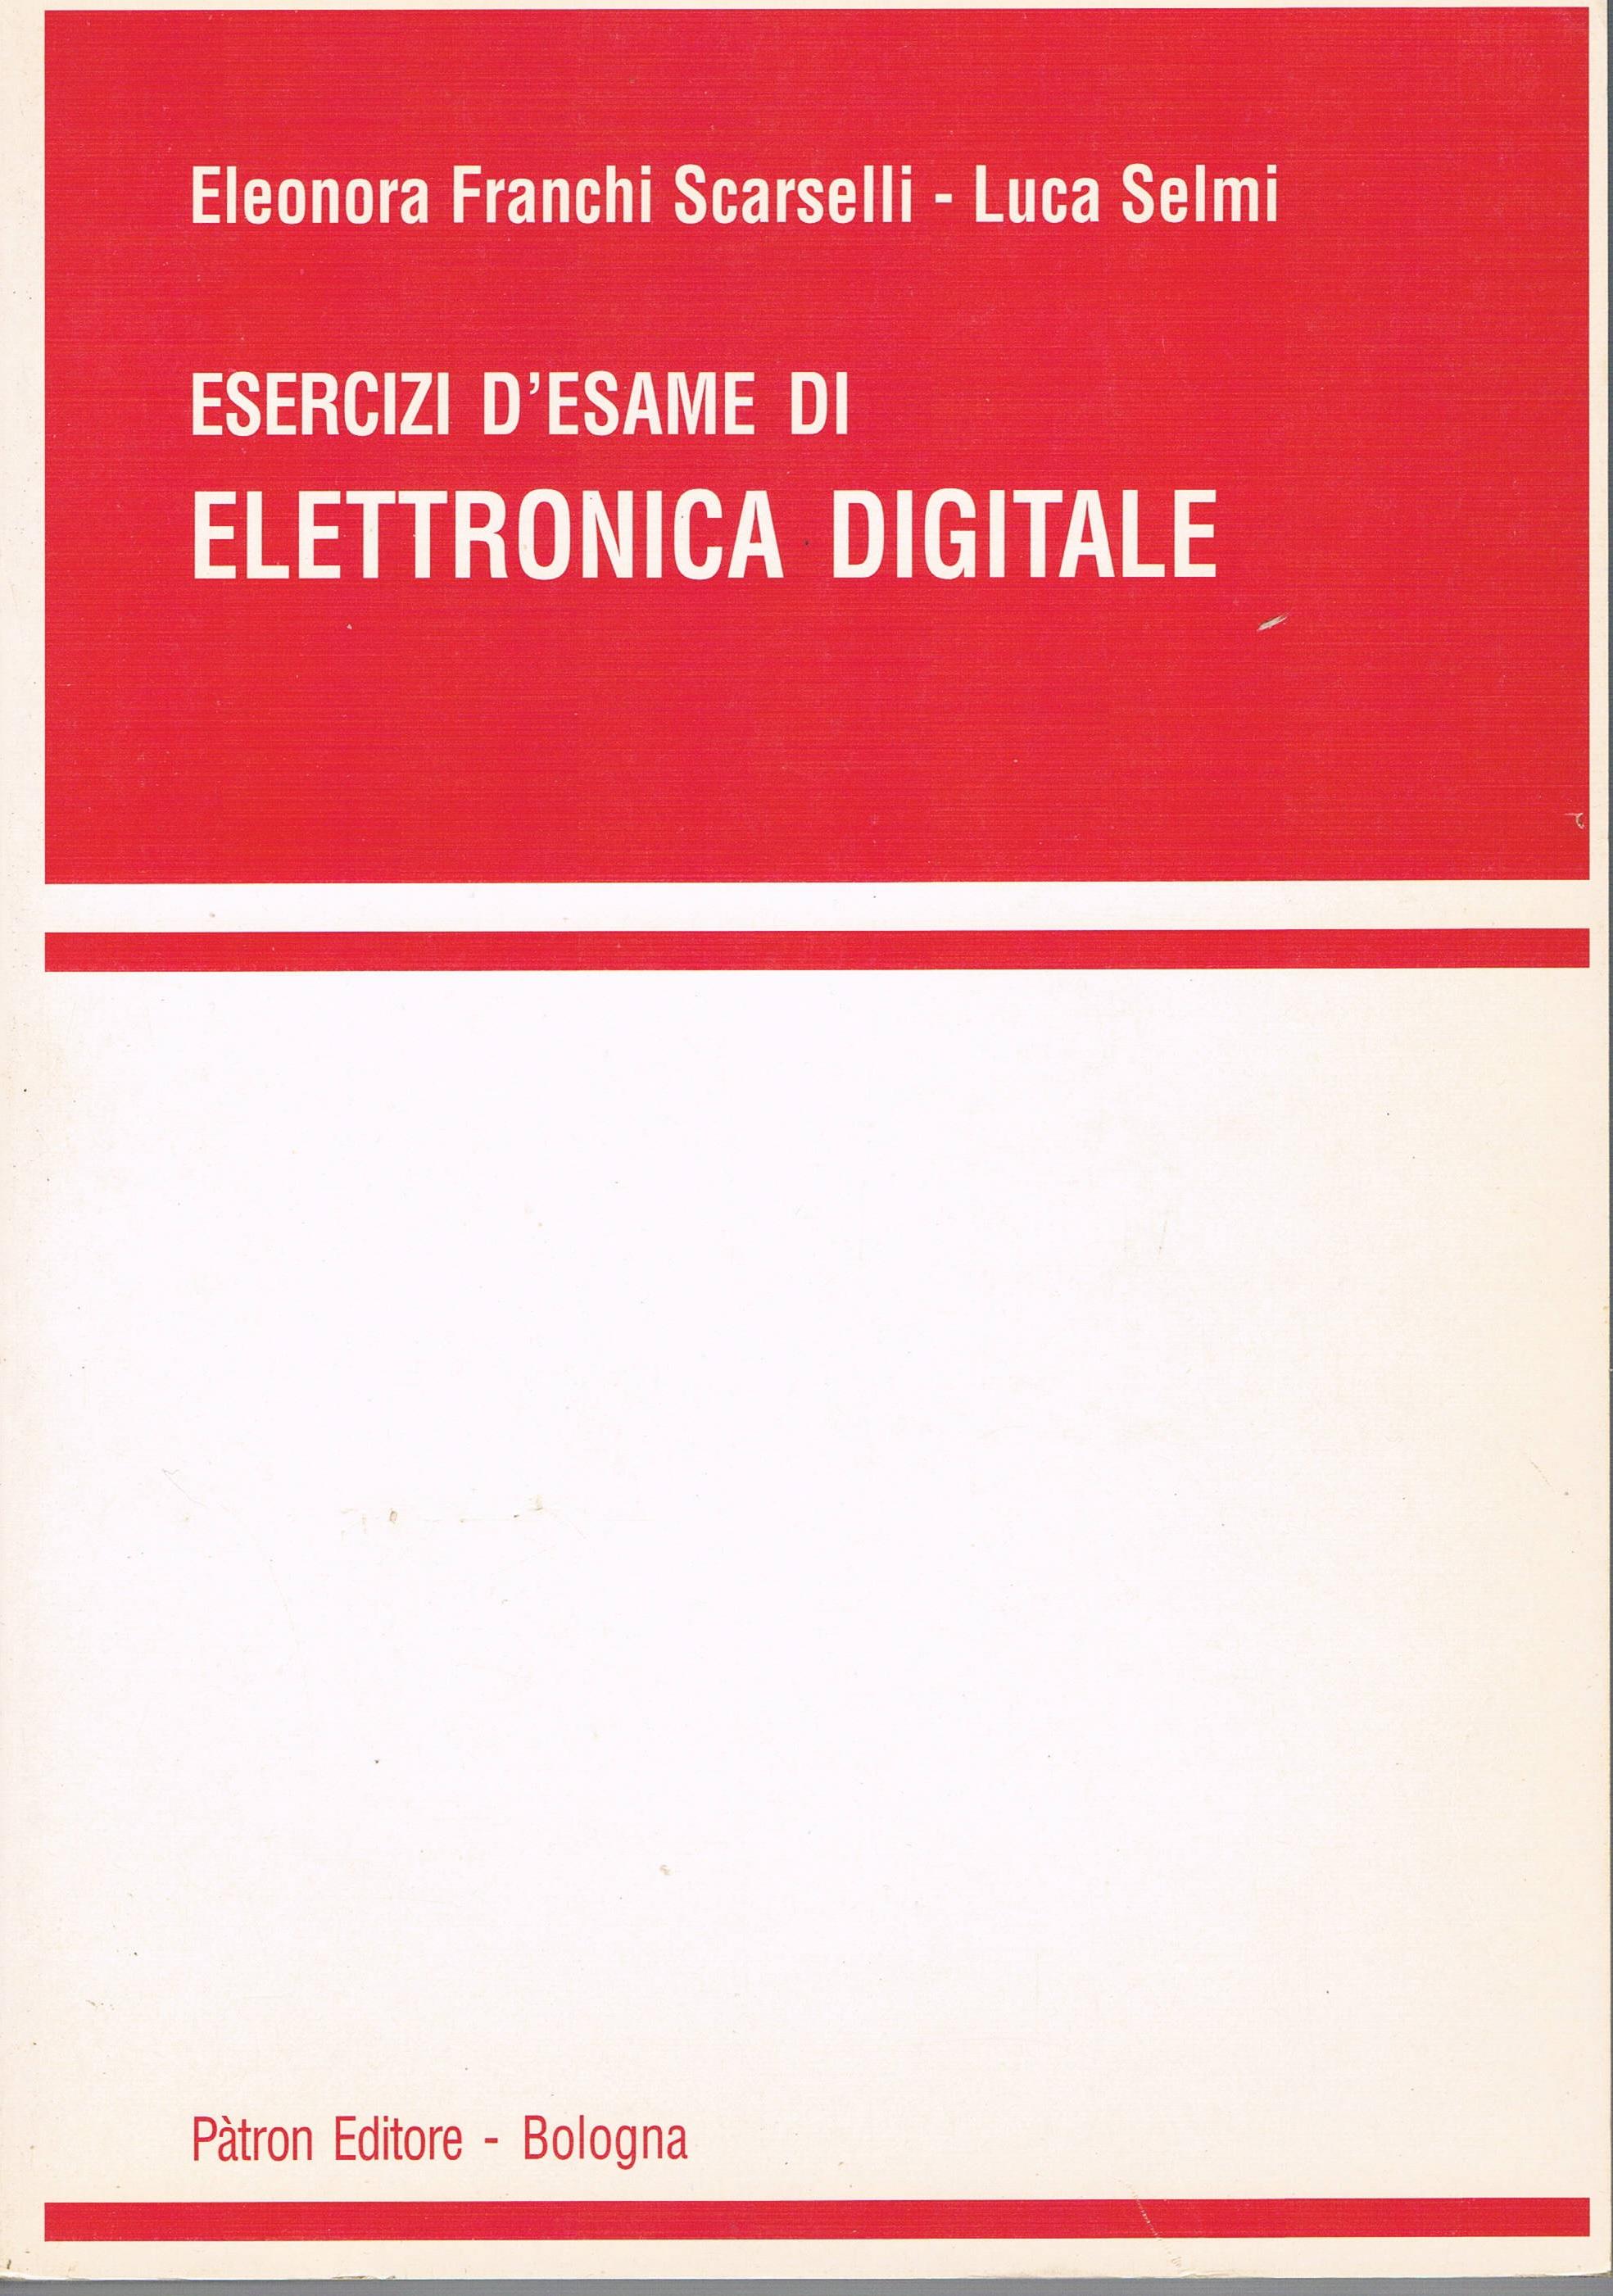 Esercizi d'esame di elettronica digitale